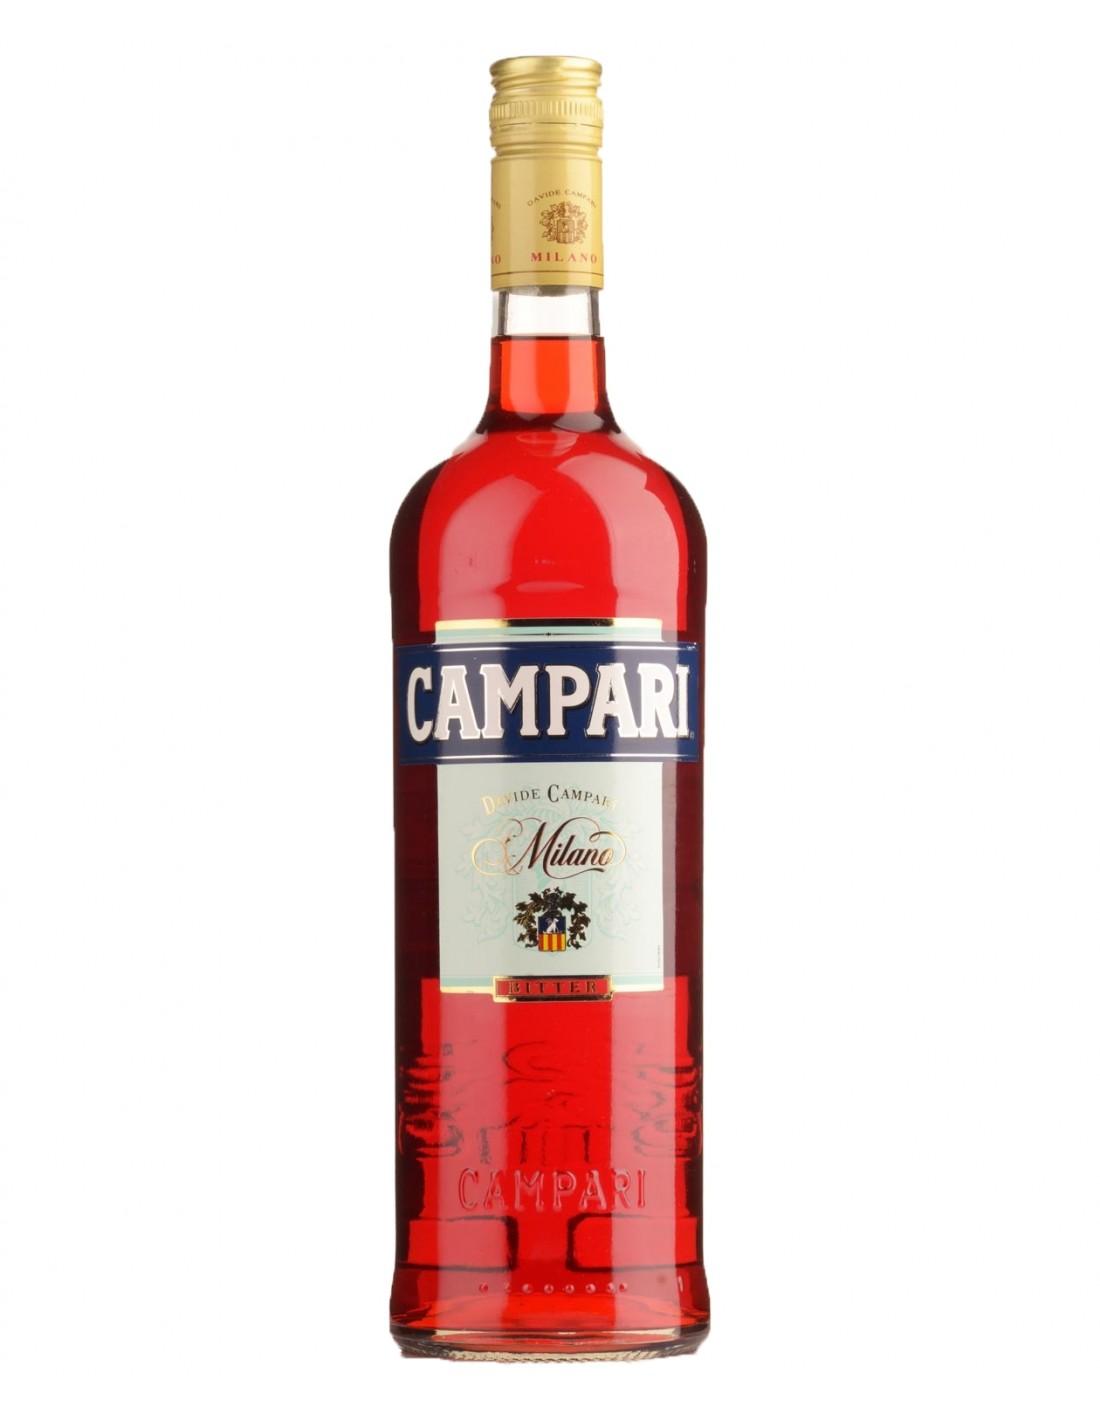 Vermut Campari Bitter, 28.5% alc., 1L, Italia